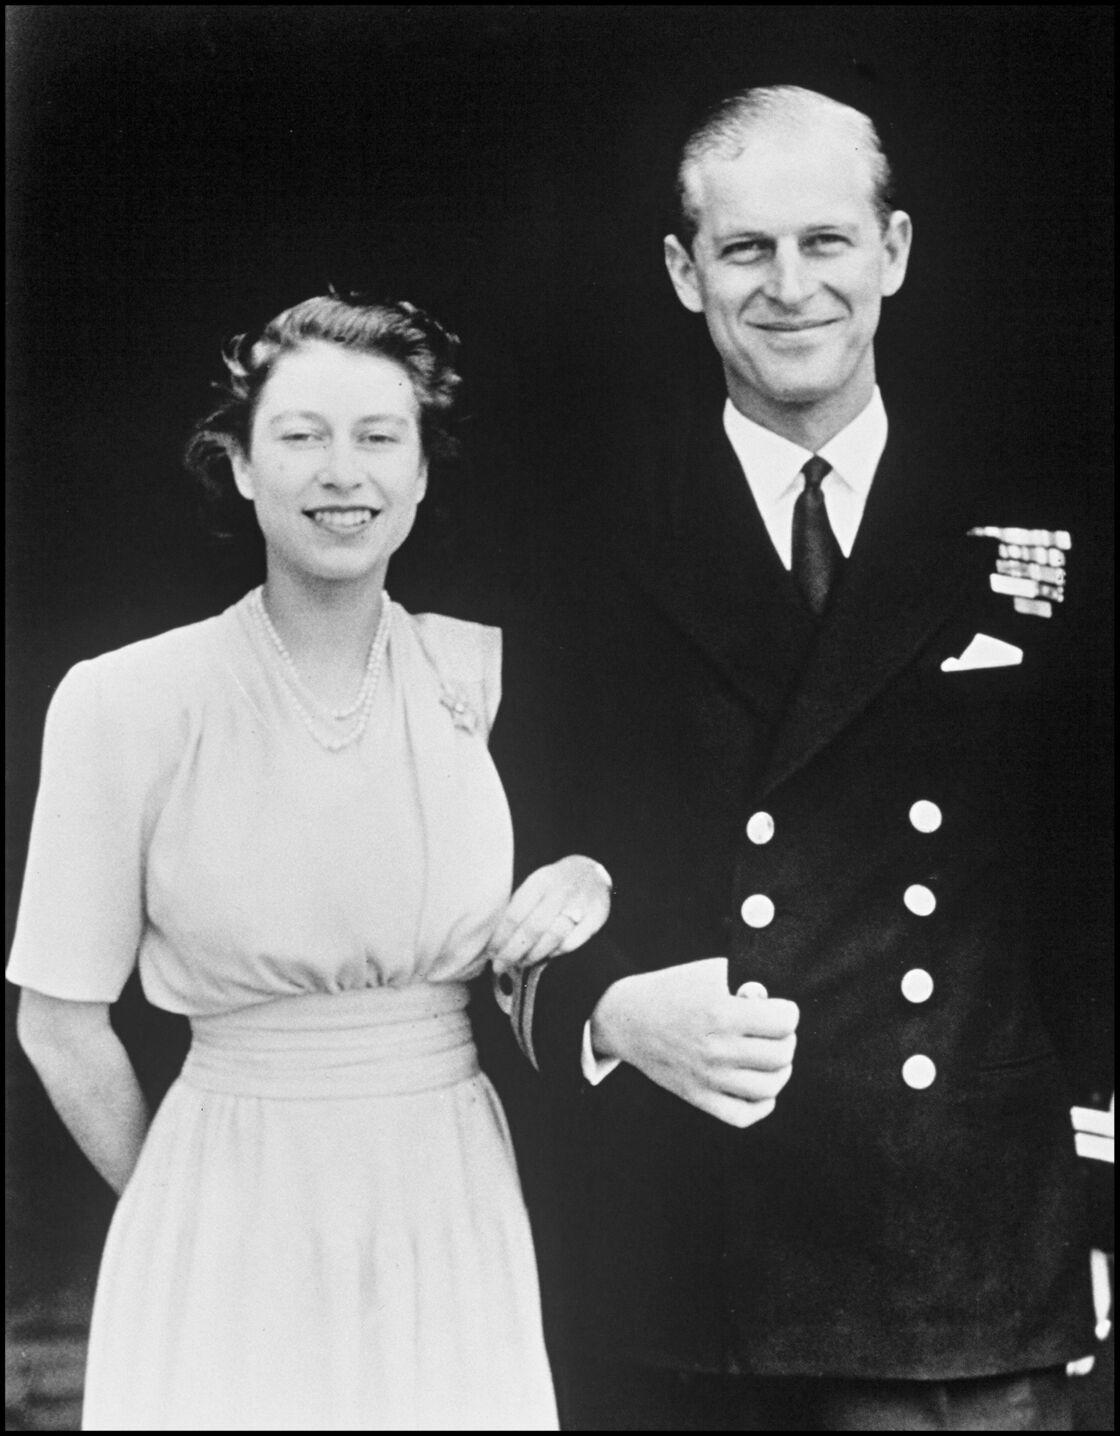 Philip et Elizabeth lors de leurs fiançailles en 1947.